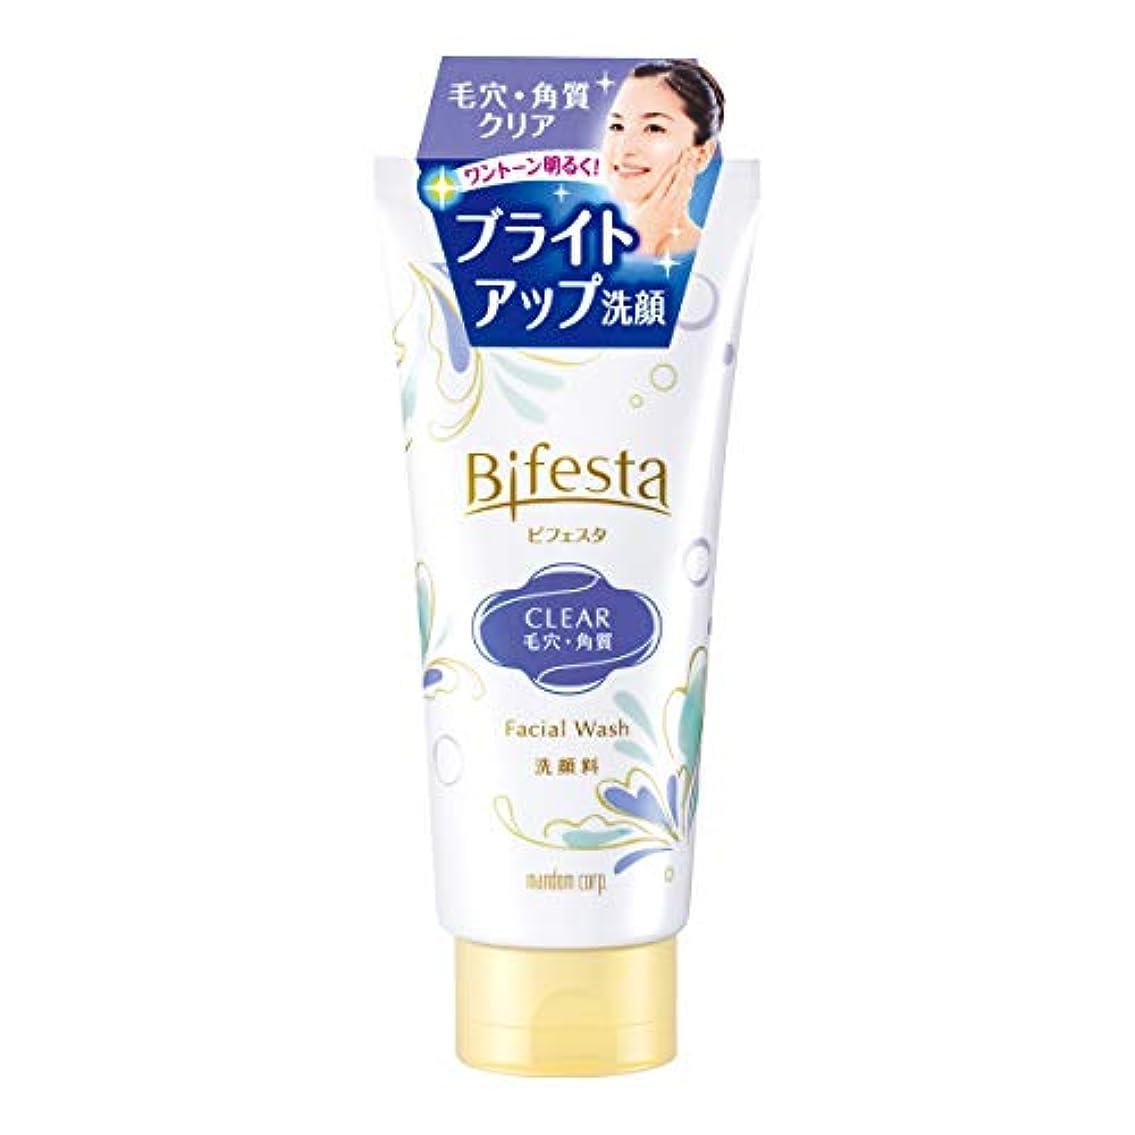 悔い改めりんご習慣ビフェスタ(Bifesta)洗顔 クリア 120g 毛穴?角質クリアタイプの洗顔料